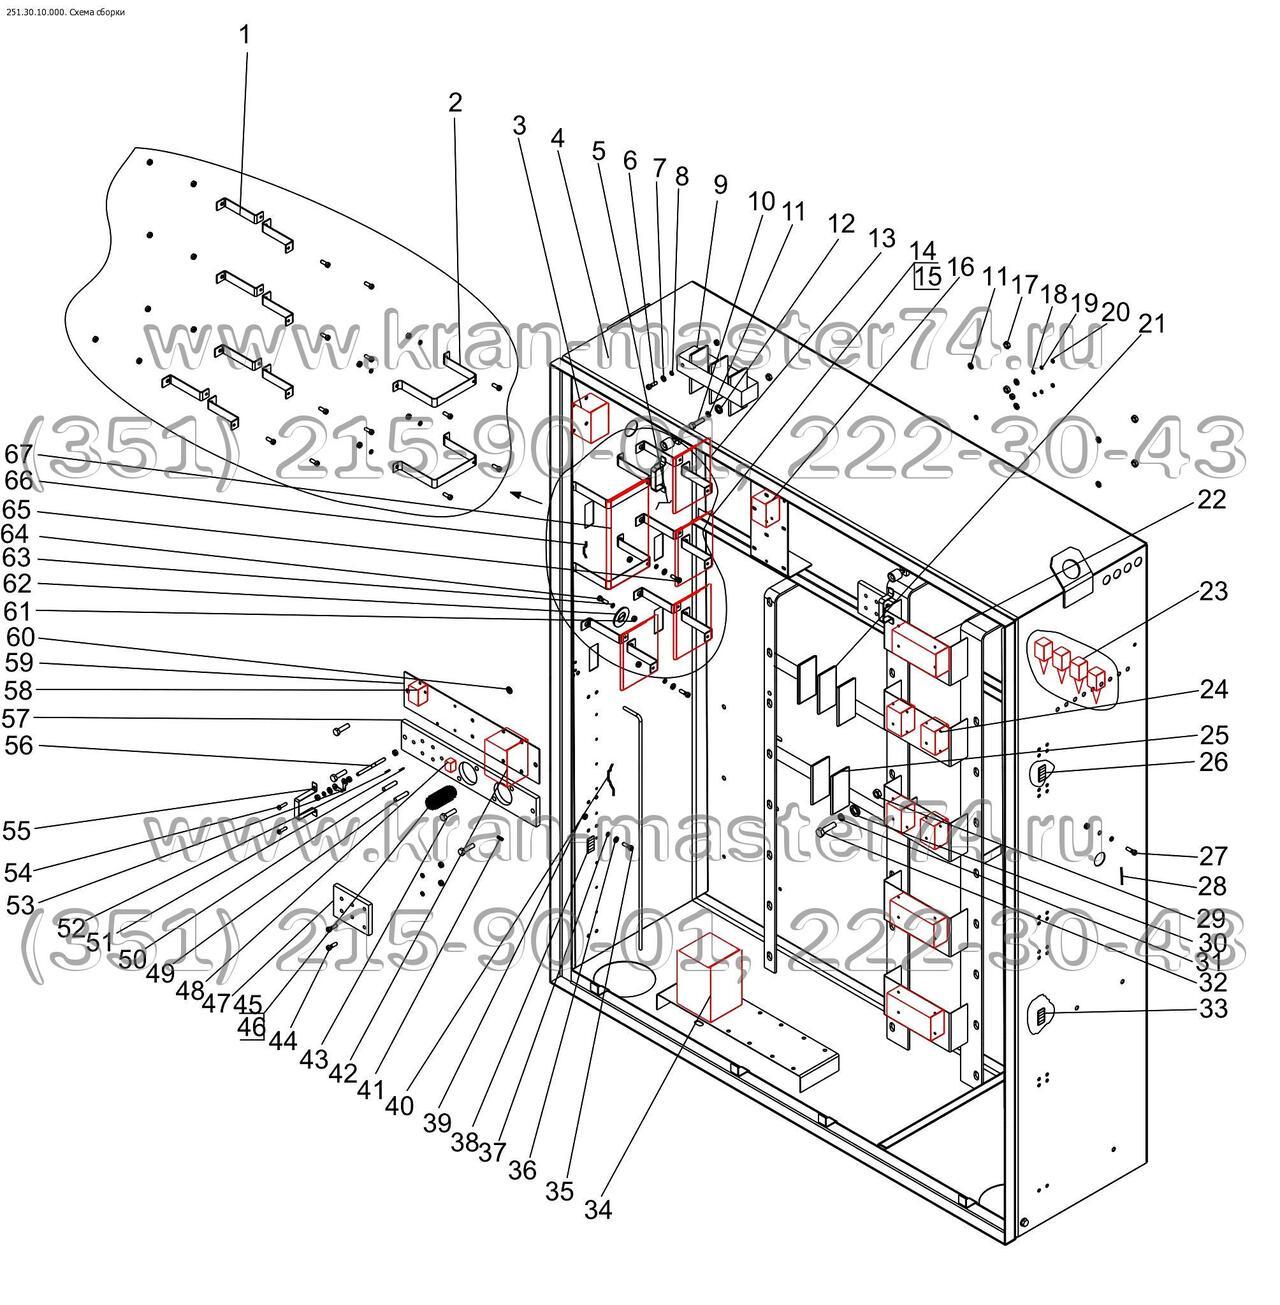 Электросхема трансформатора в крановой установке 8т210